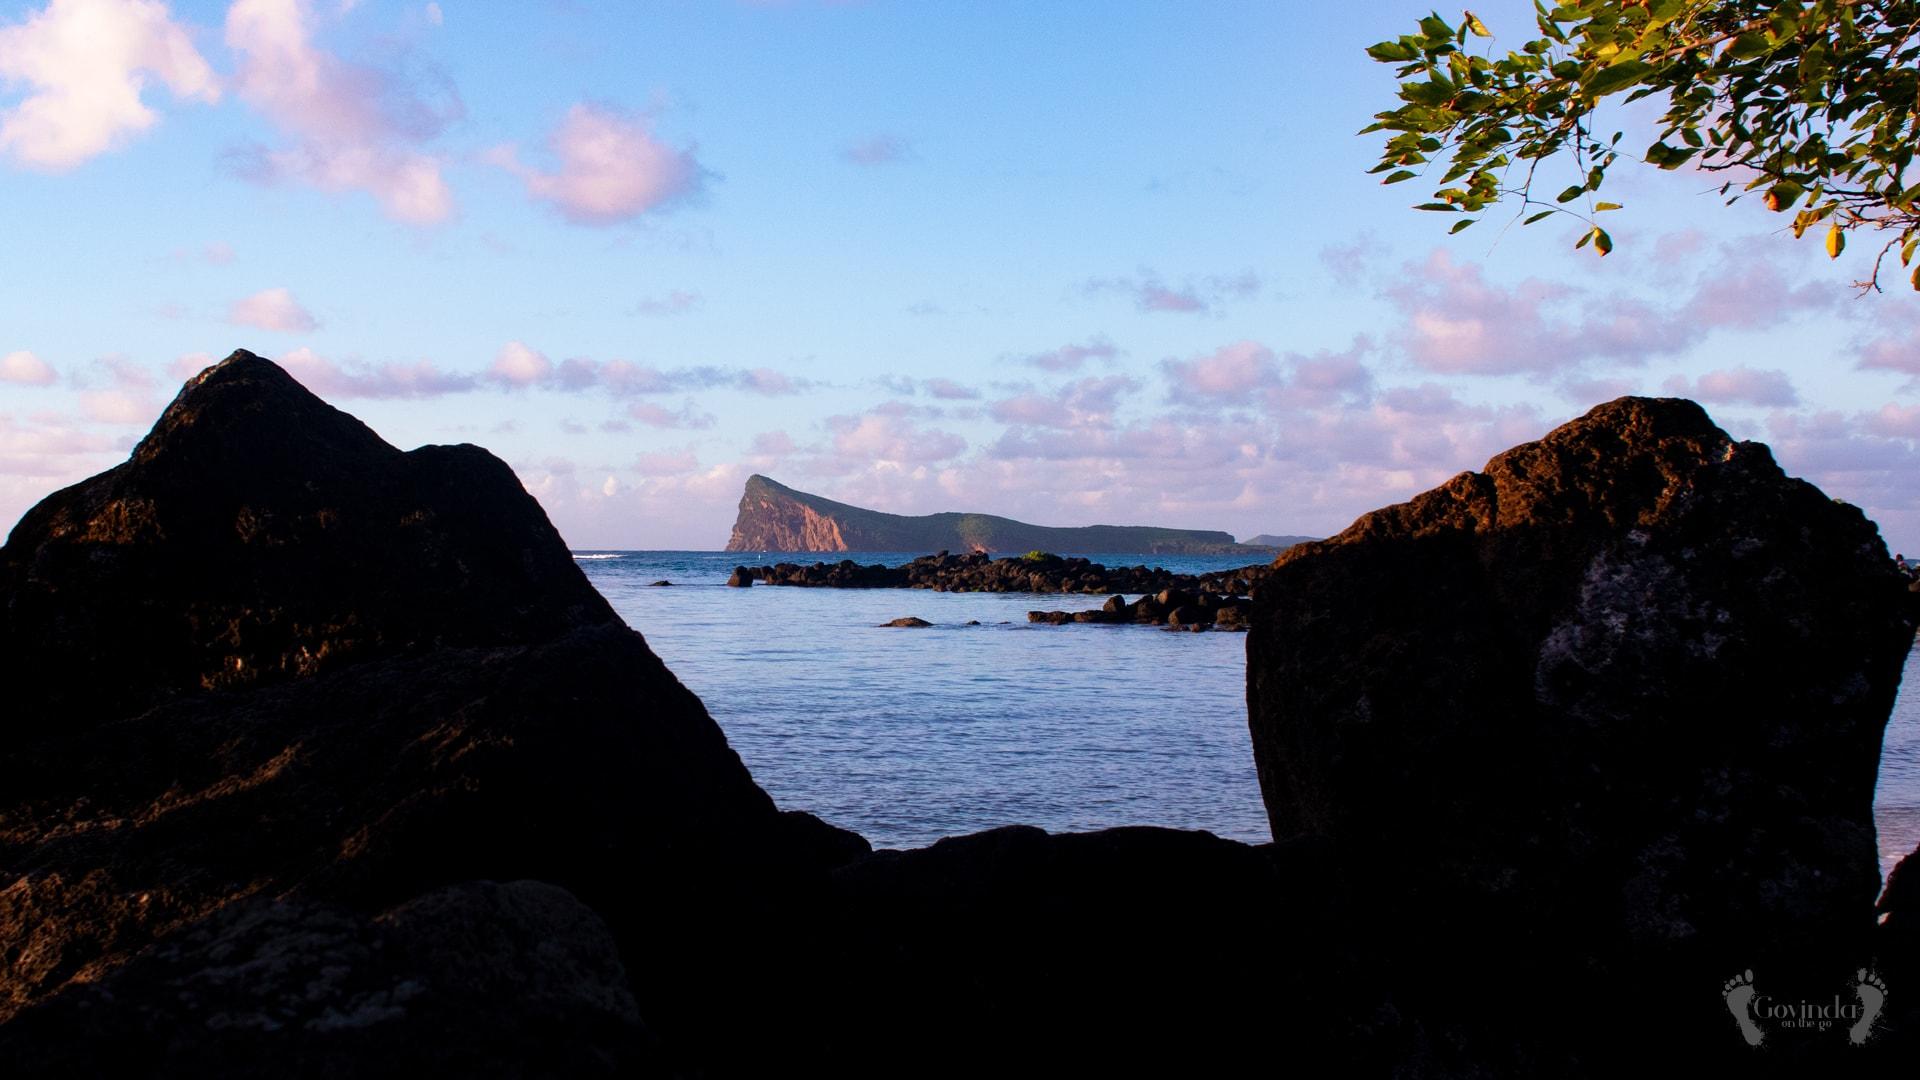 Gunners Quoin island near Mauritius